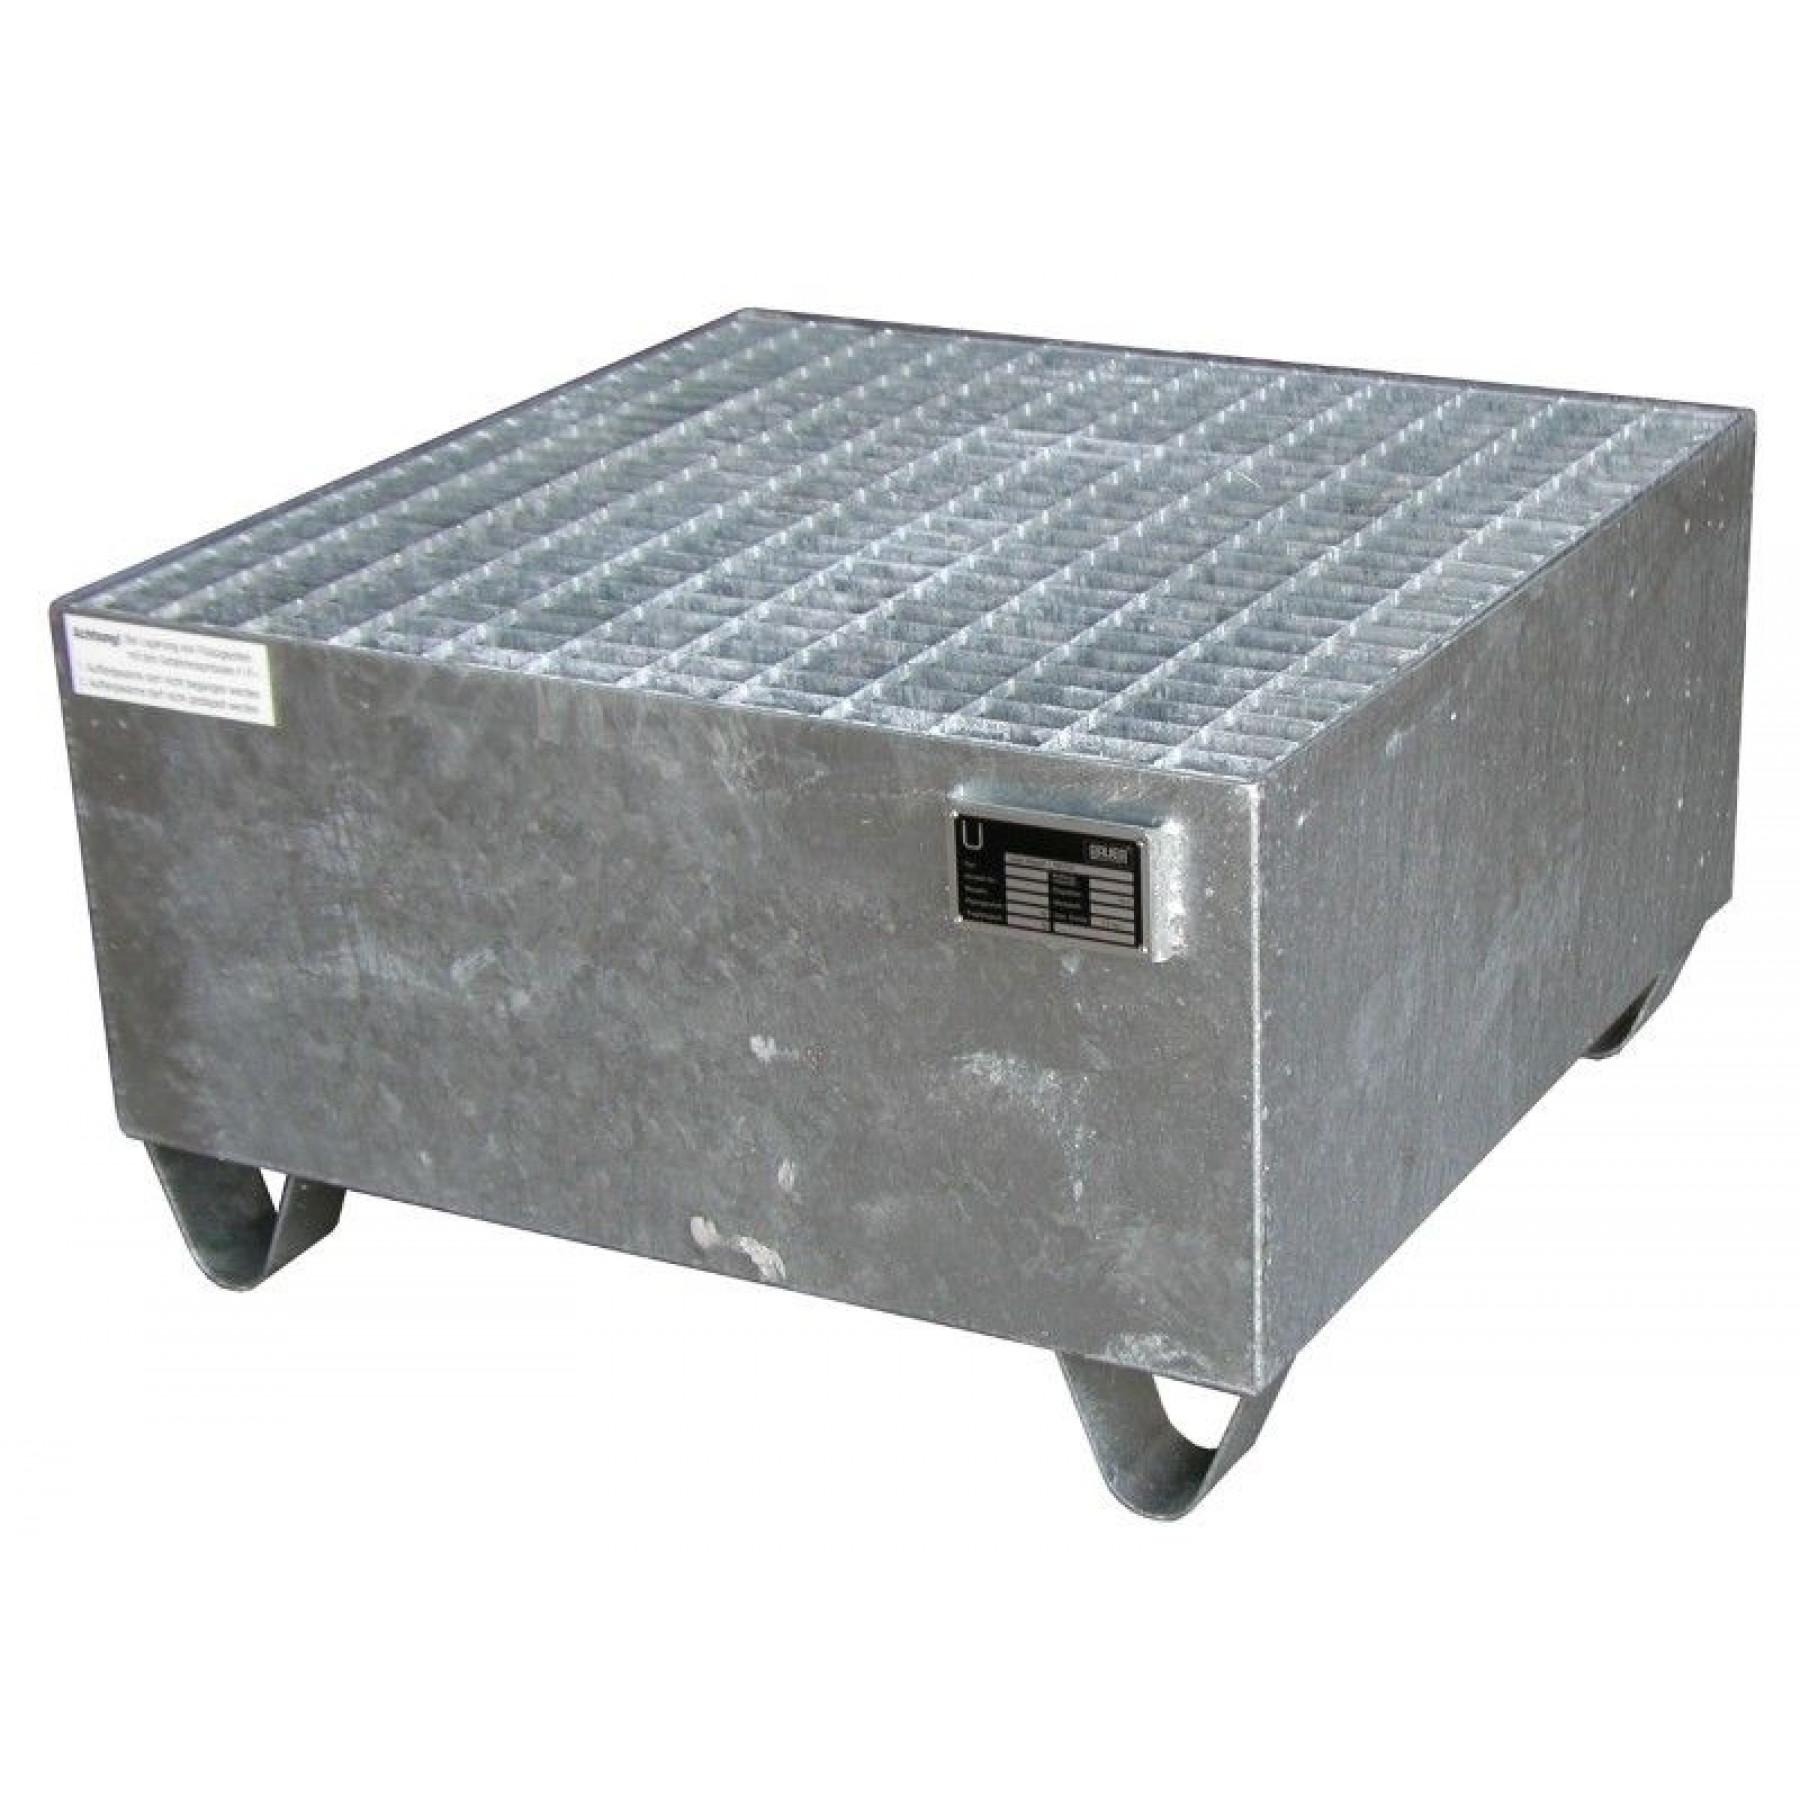 Vloeistofopvangbak voor 1 x 200 liter vat, 70049-2003